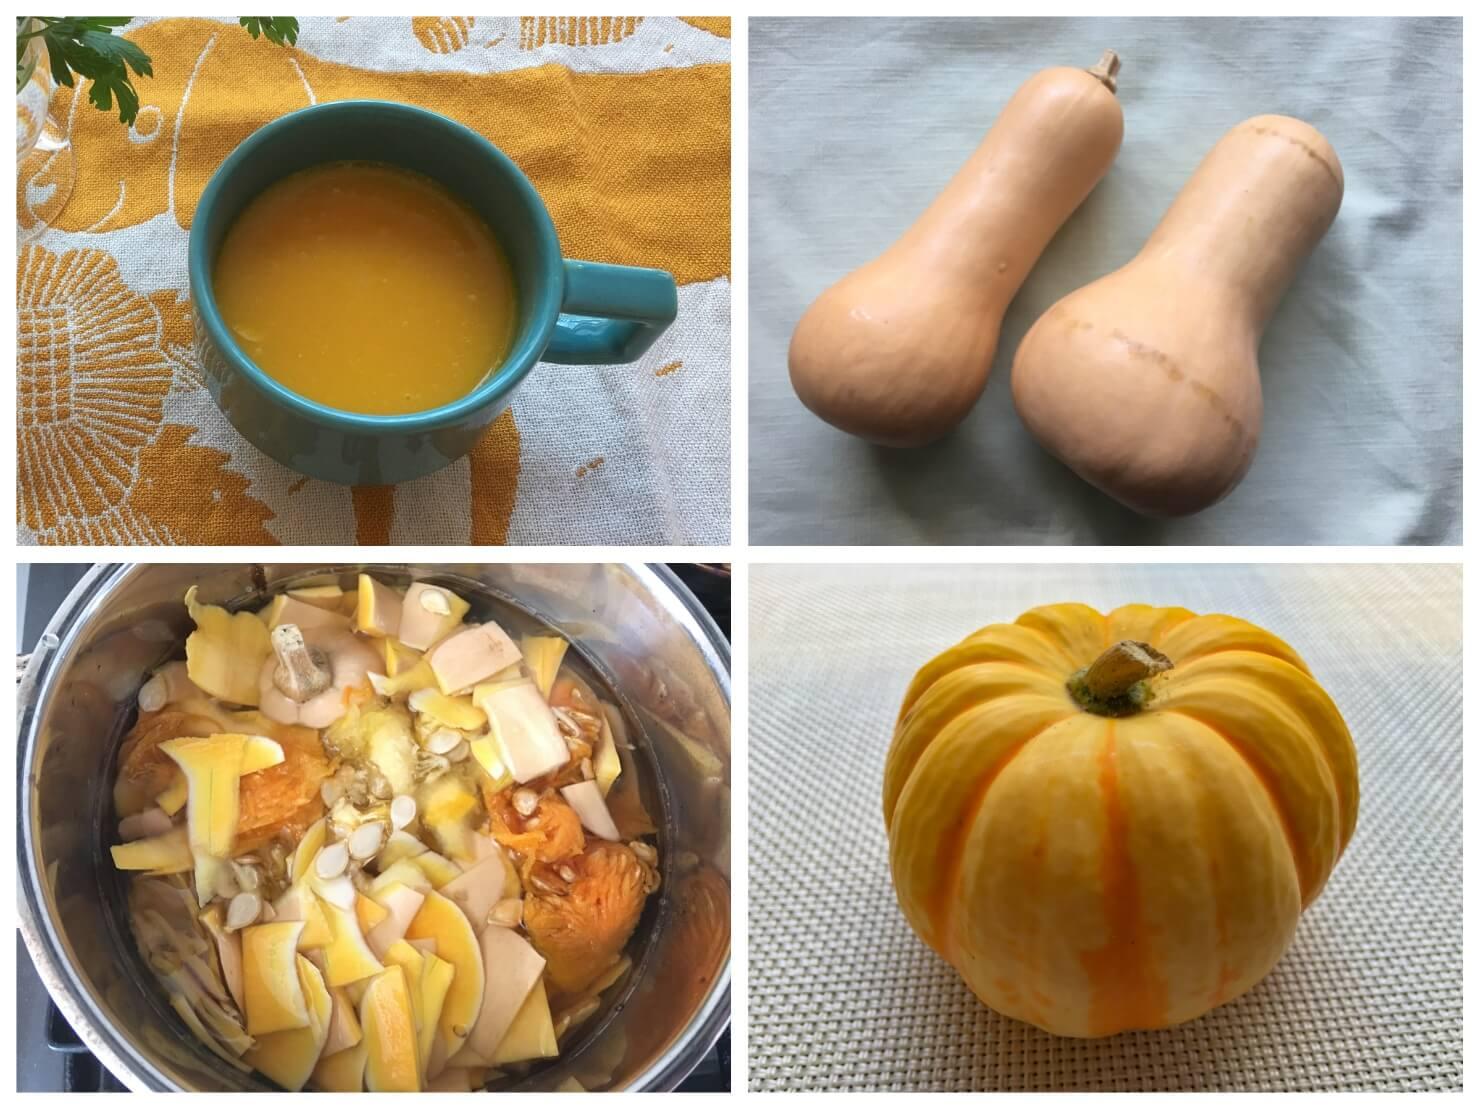 バターナッツかぼちゃとバターナッツカボチャのポタージュスープの写真